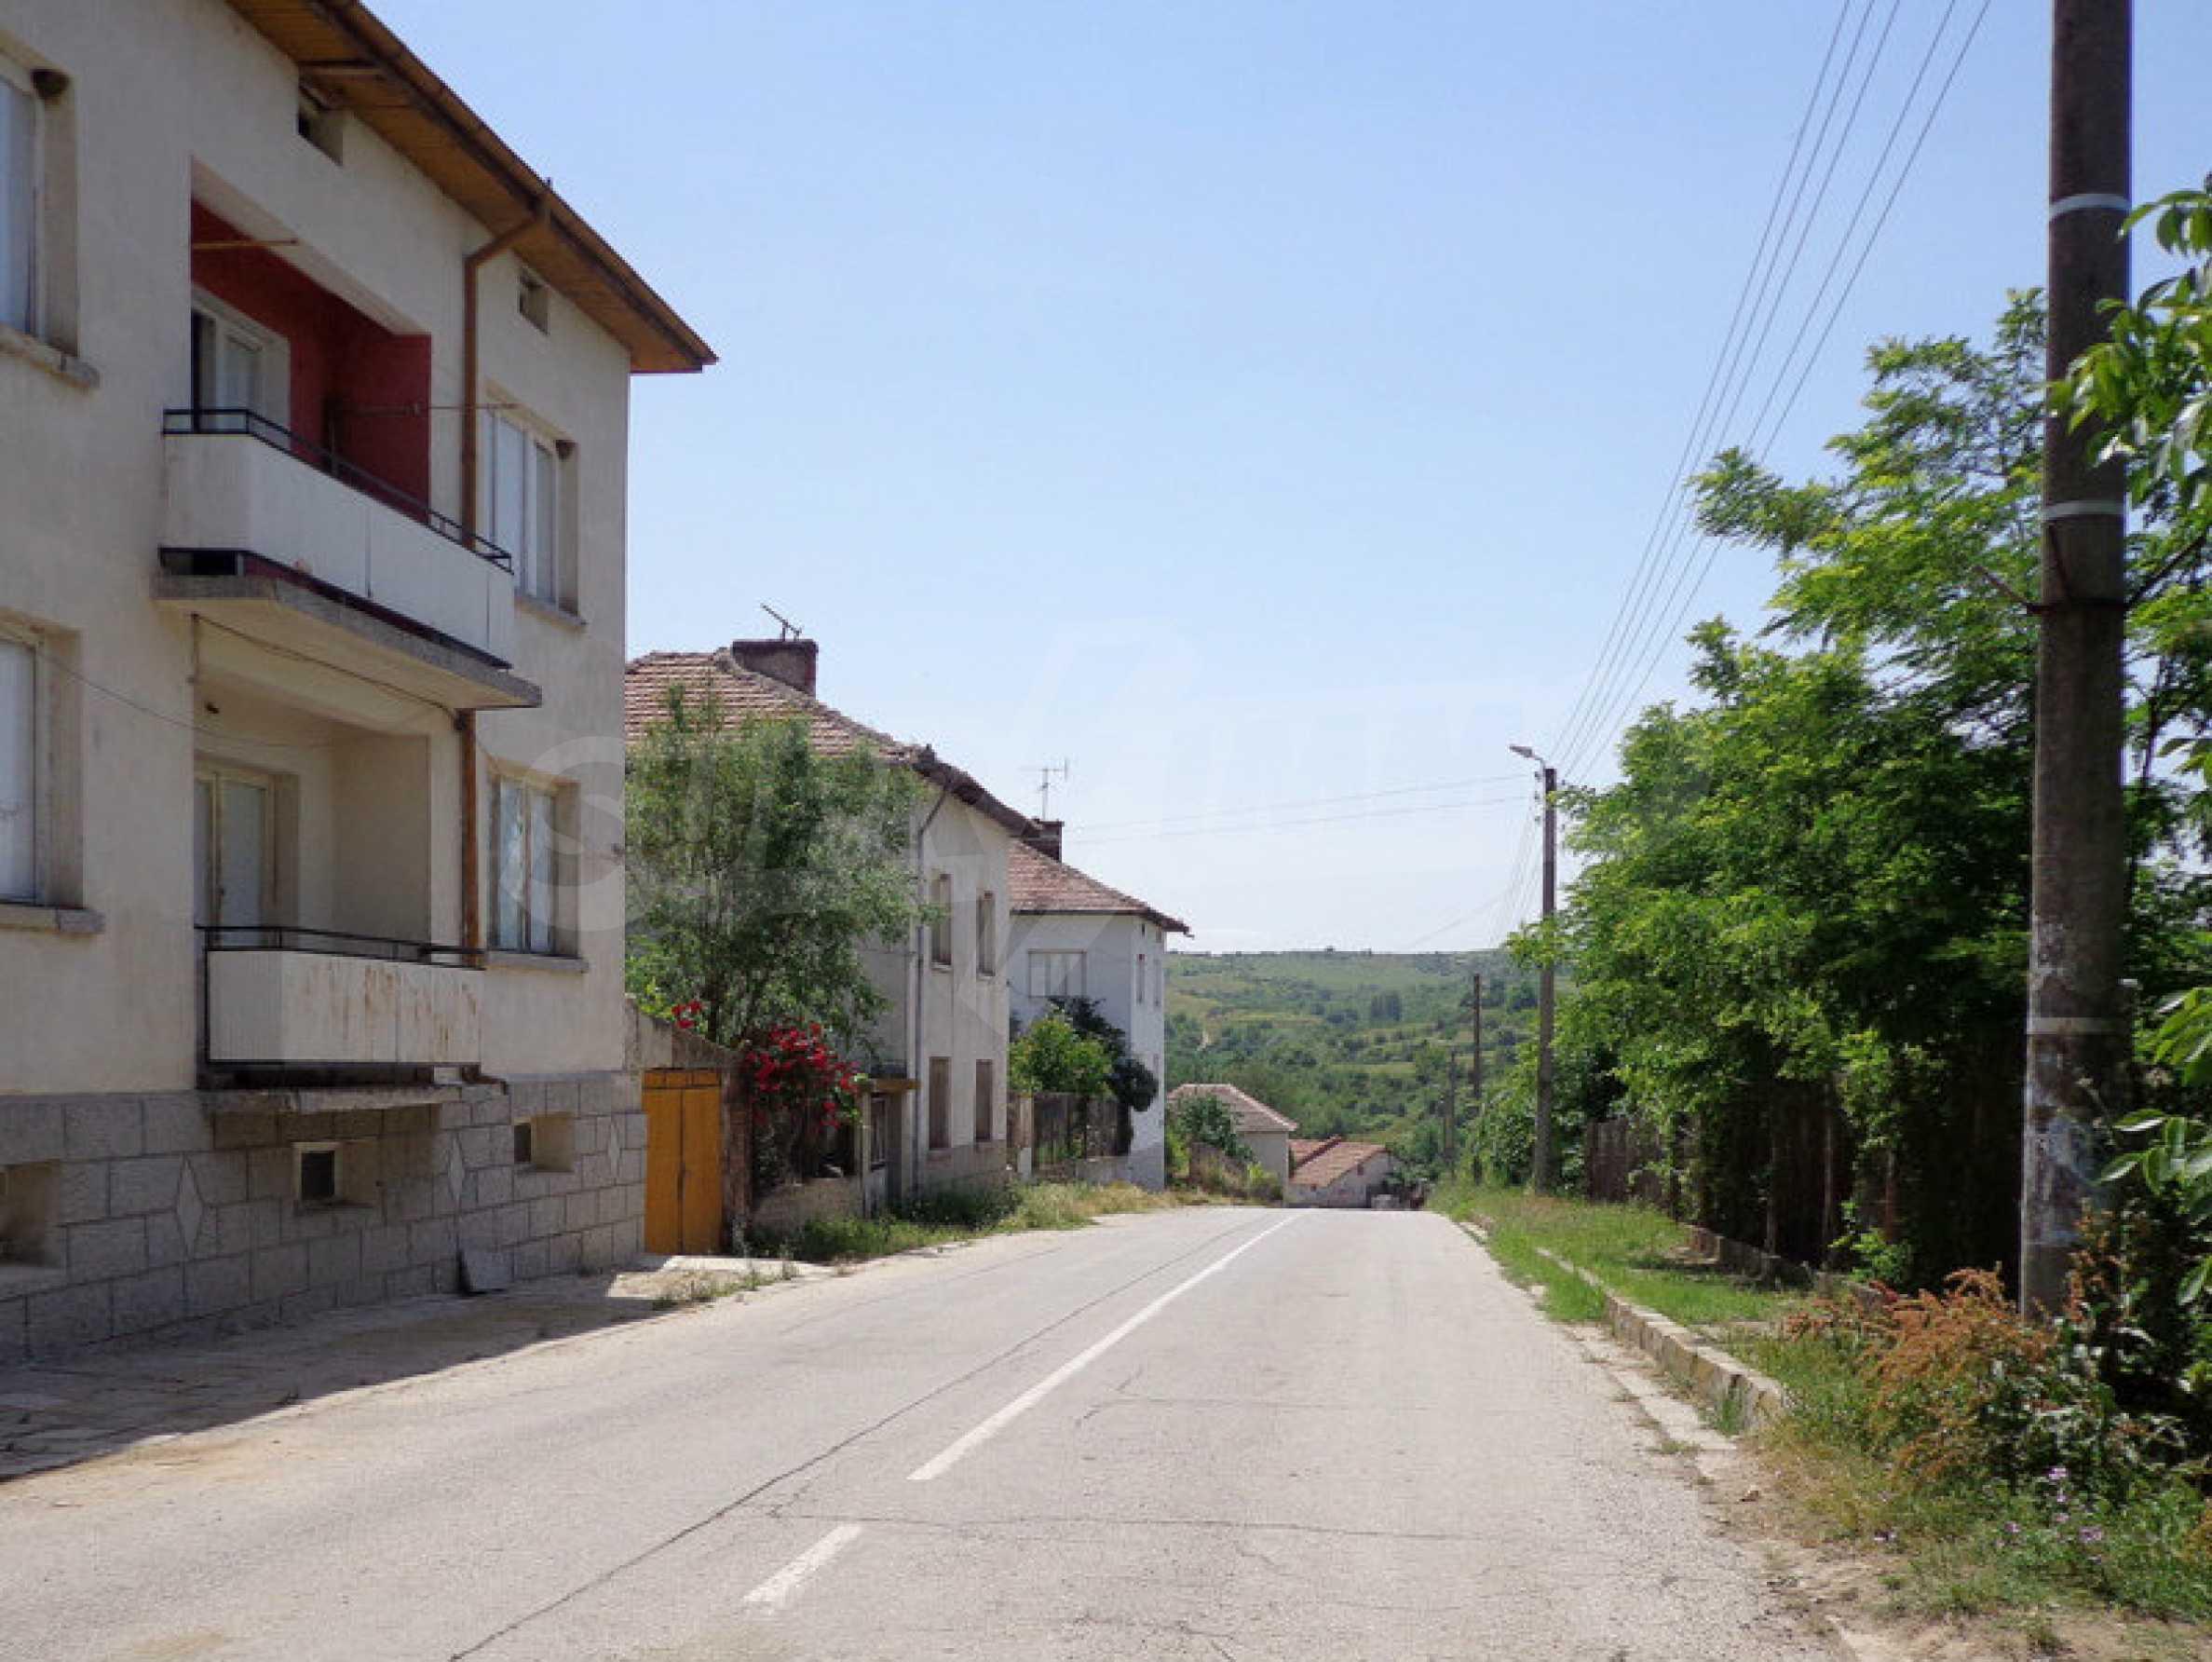 Grundstück zum Verkauf in einem malerischen Dorf 12 km von Sandanski entfernt 7